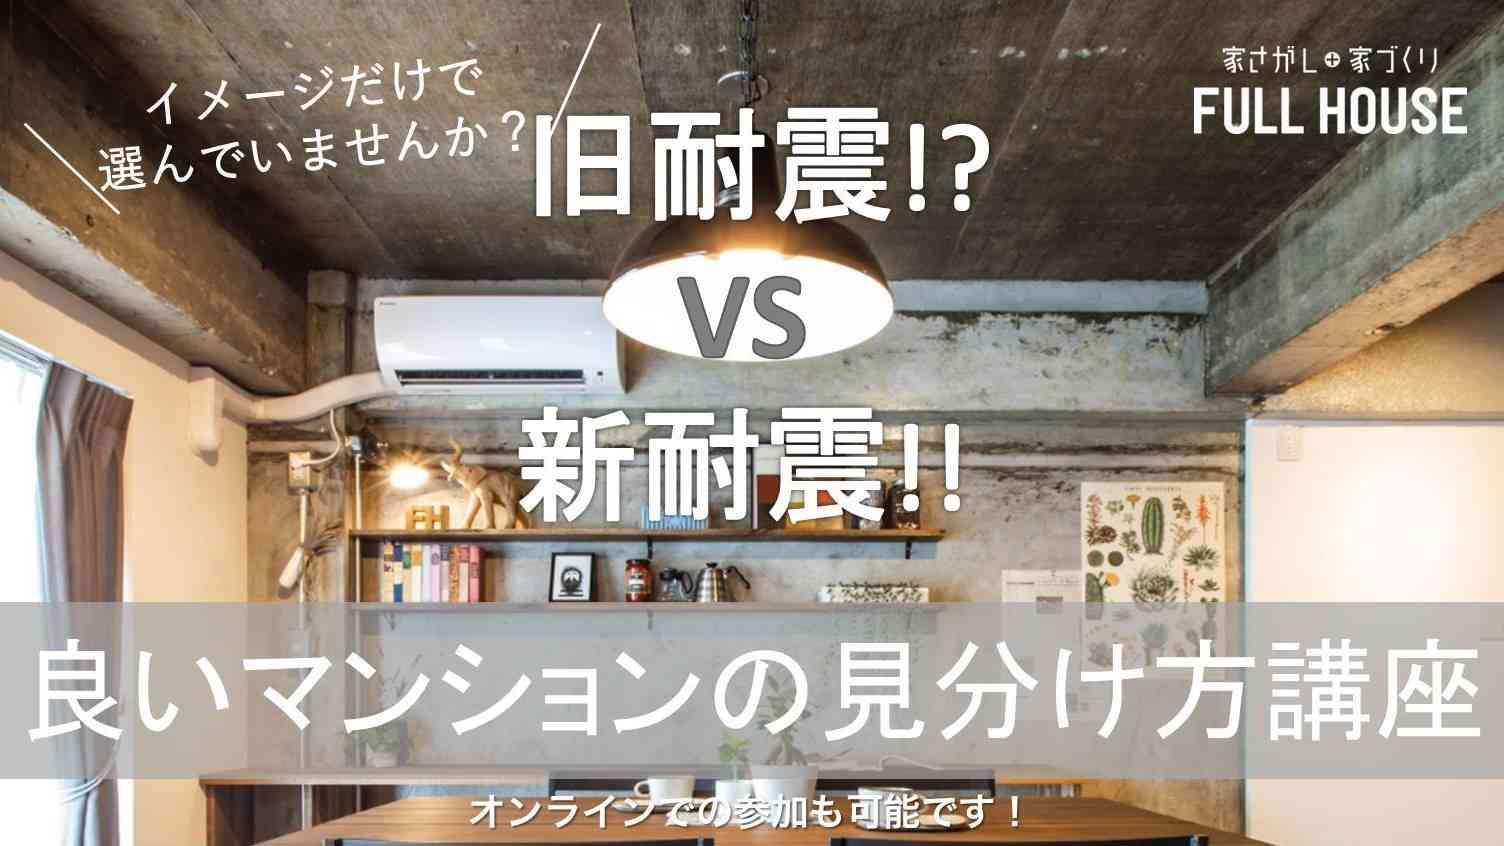 旧耐震vs新耐震!? 良いマンションの見分け方講座